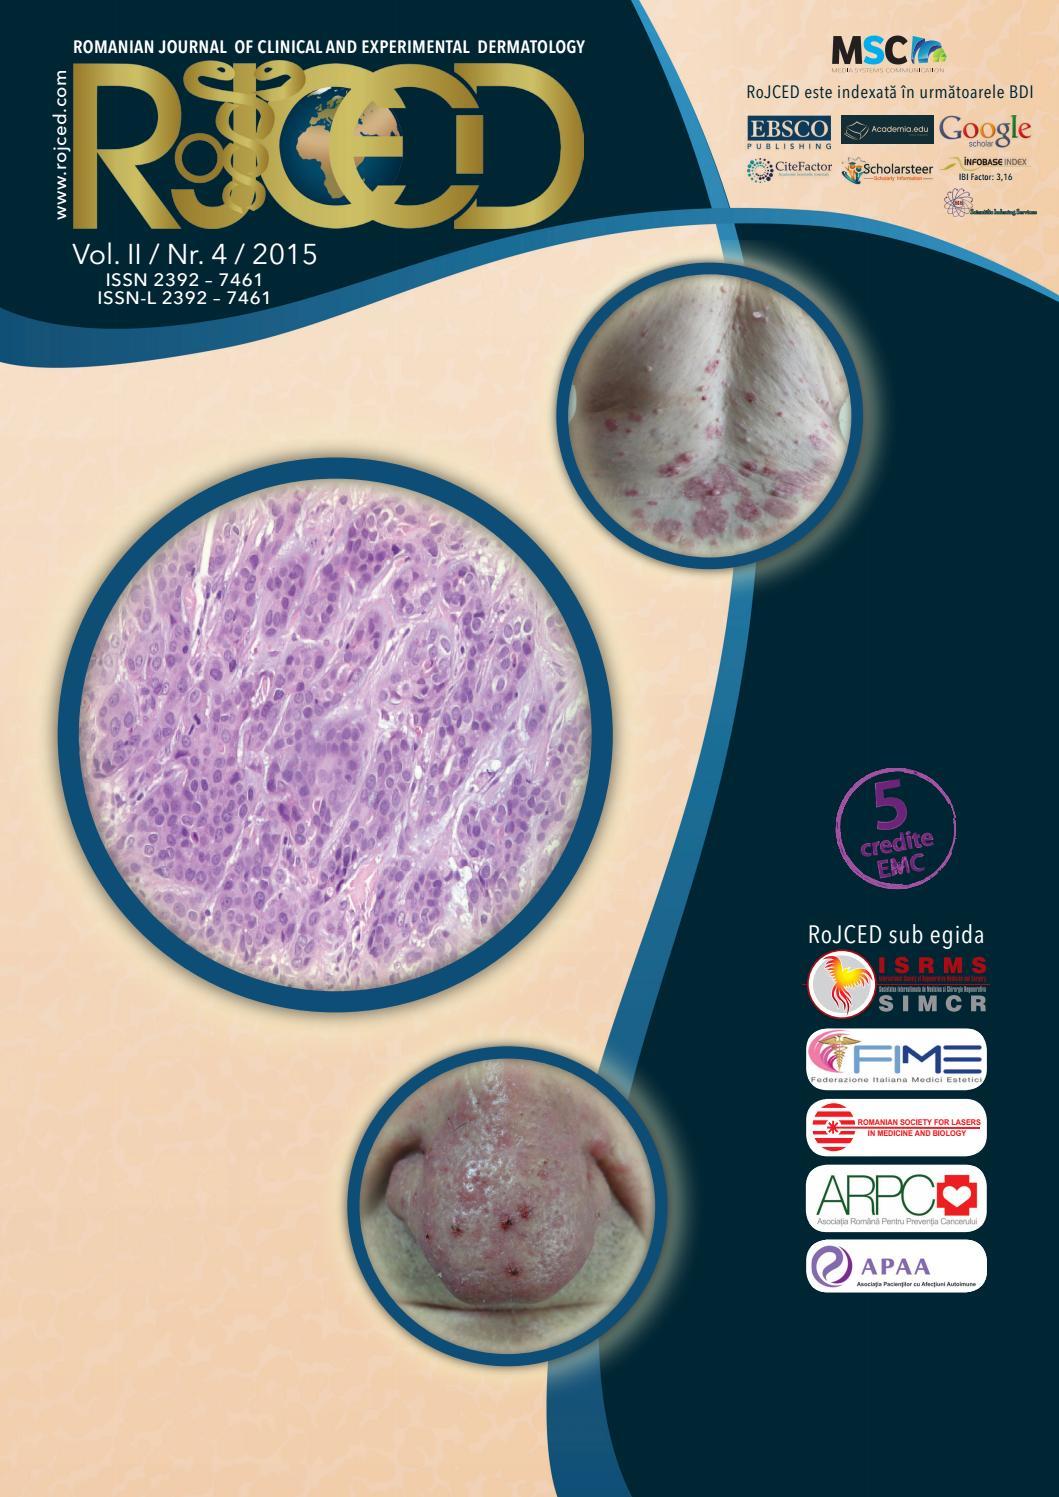 NEVII GENITALI – HPV